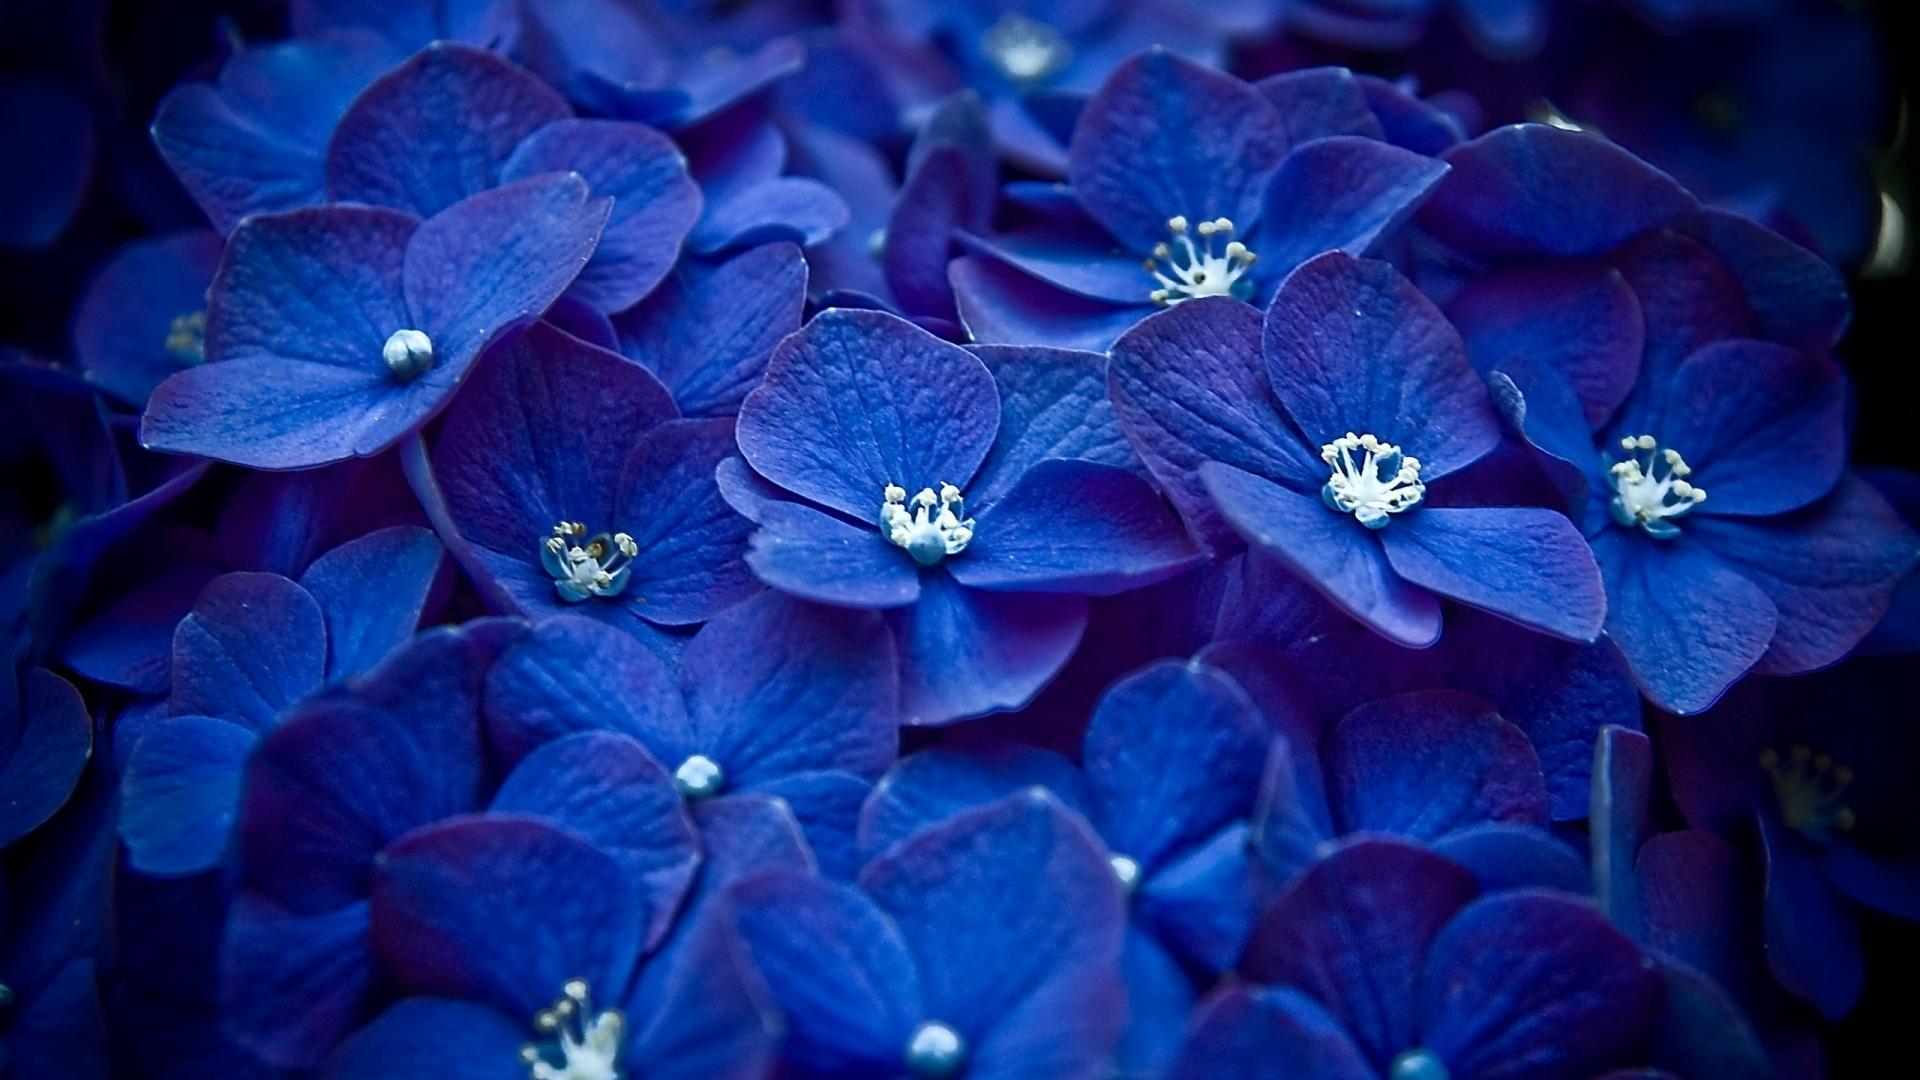 flower wallpapers blue - HD Desktop Wallpapers | 4k HD